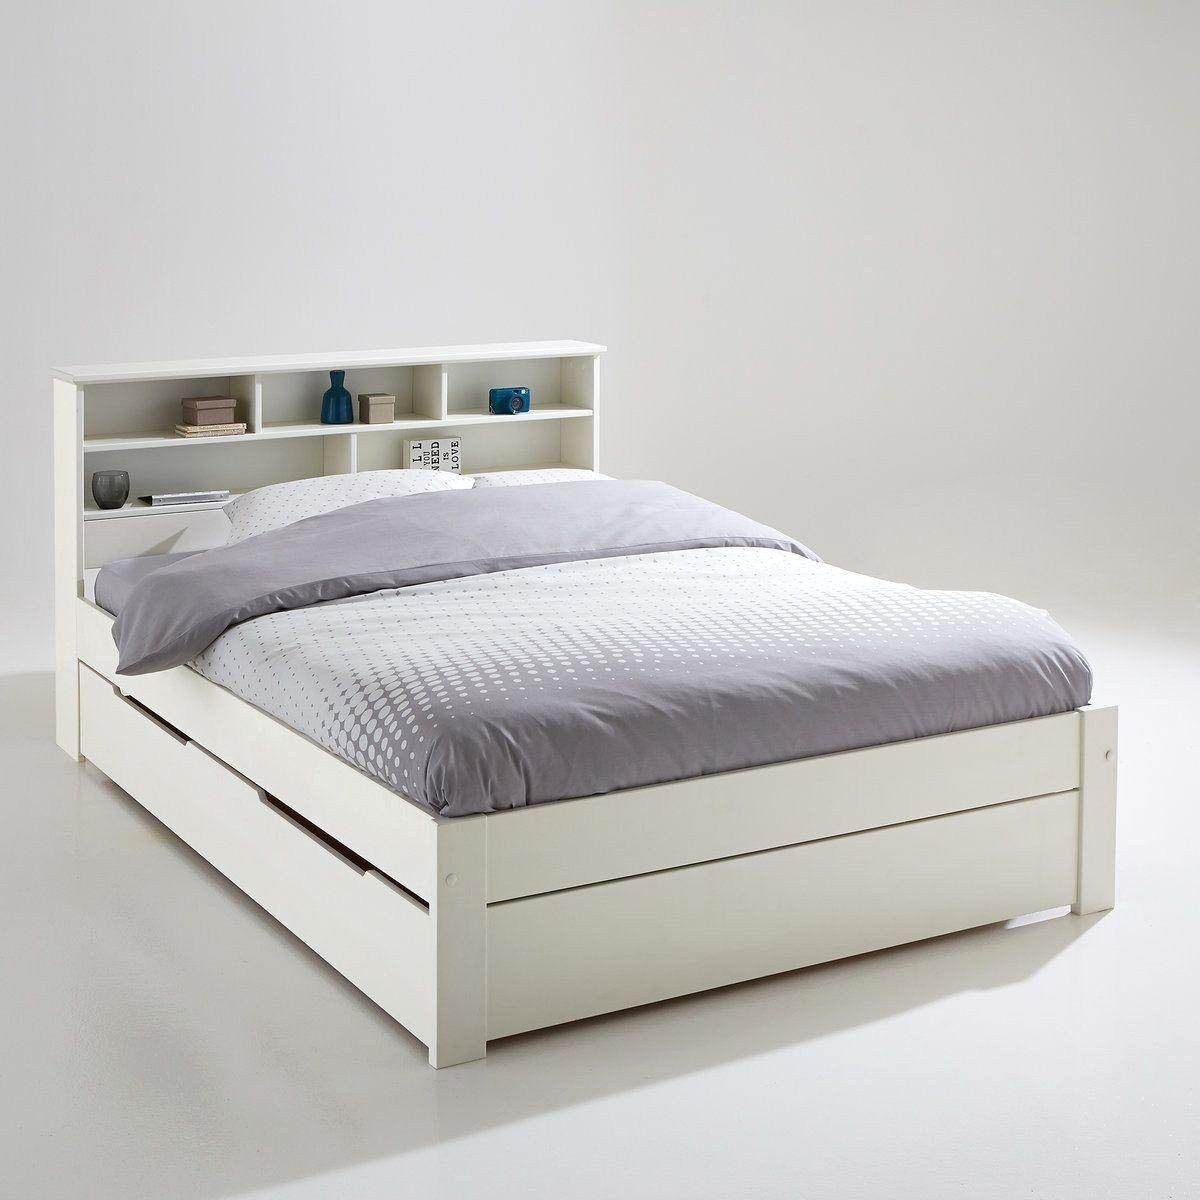 tete de lit avec rangement 160 impressionnant tete de lit